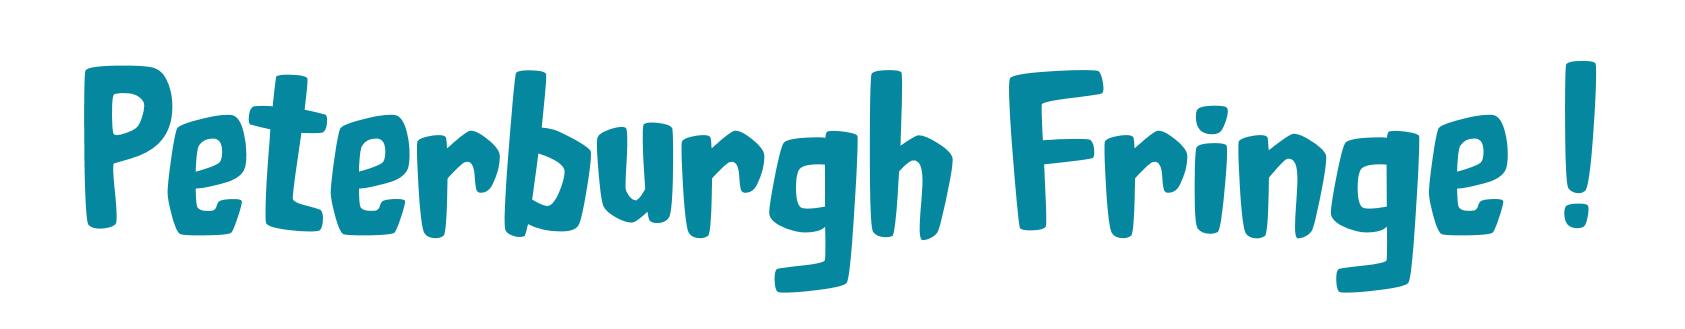 'Peterburgh' Fringe! banner image